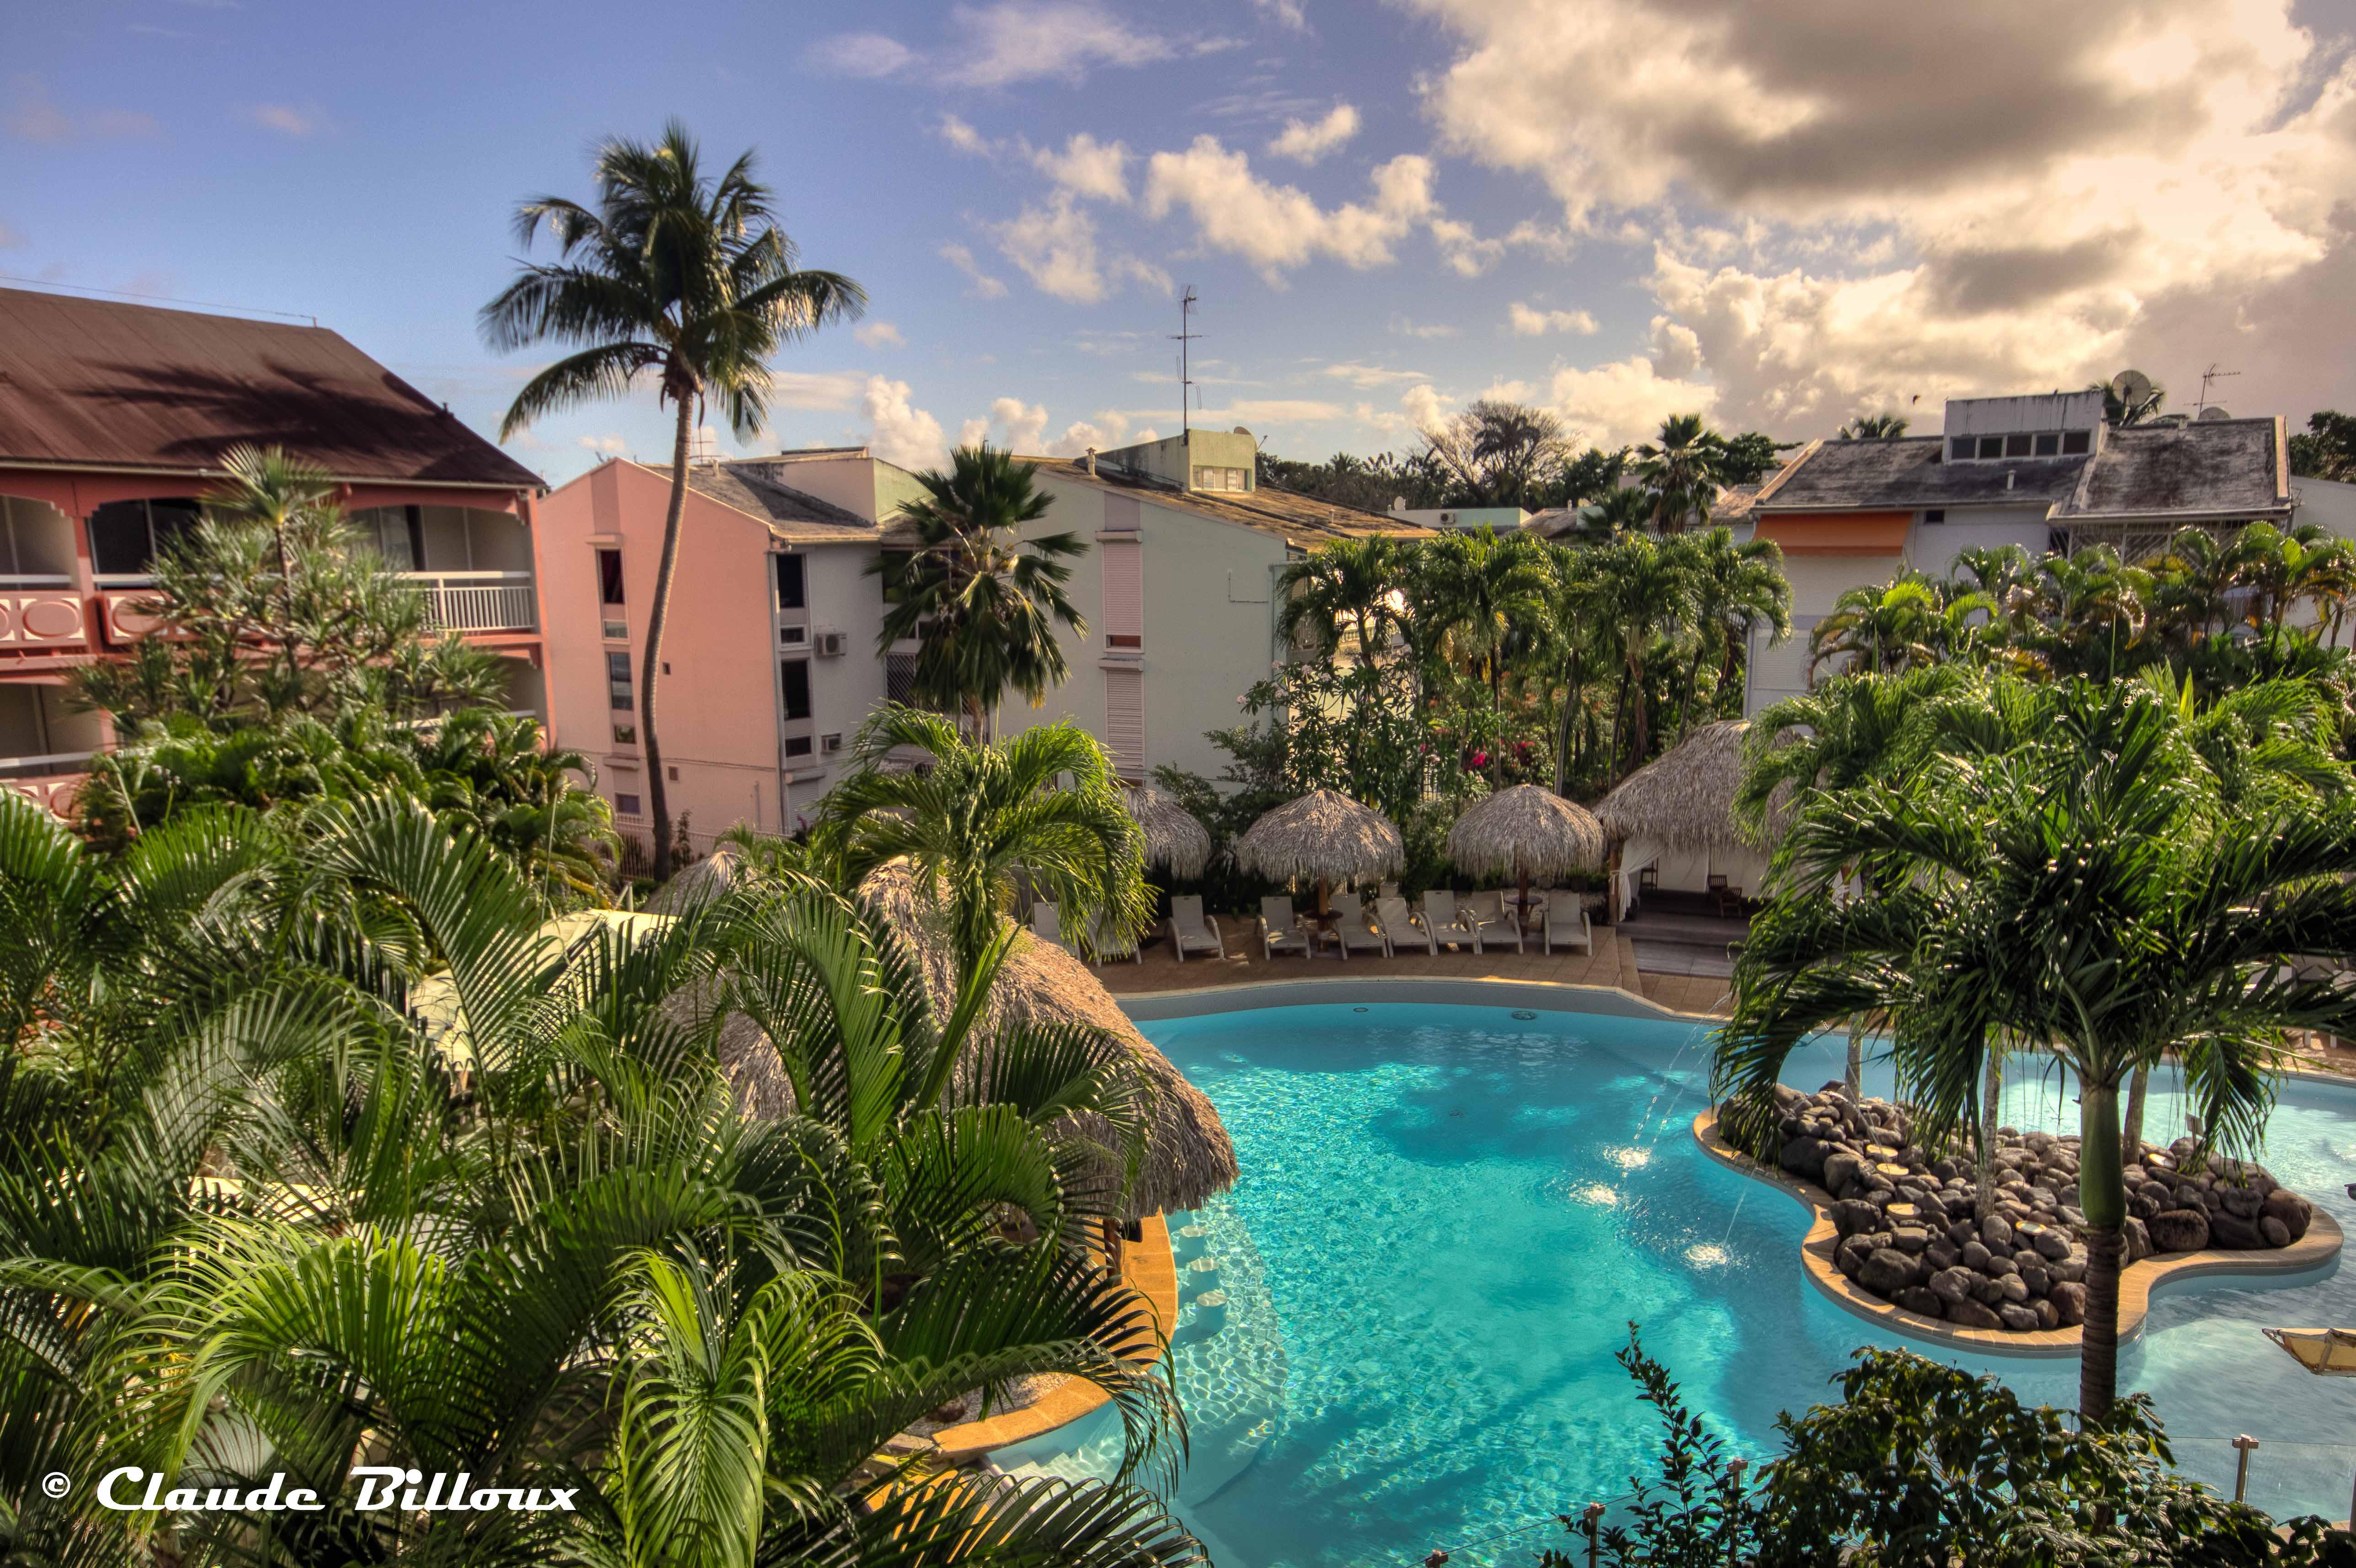 Martinique_0007_8_9_tonemapped.jpg